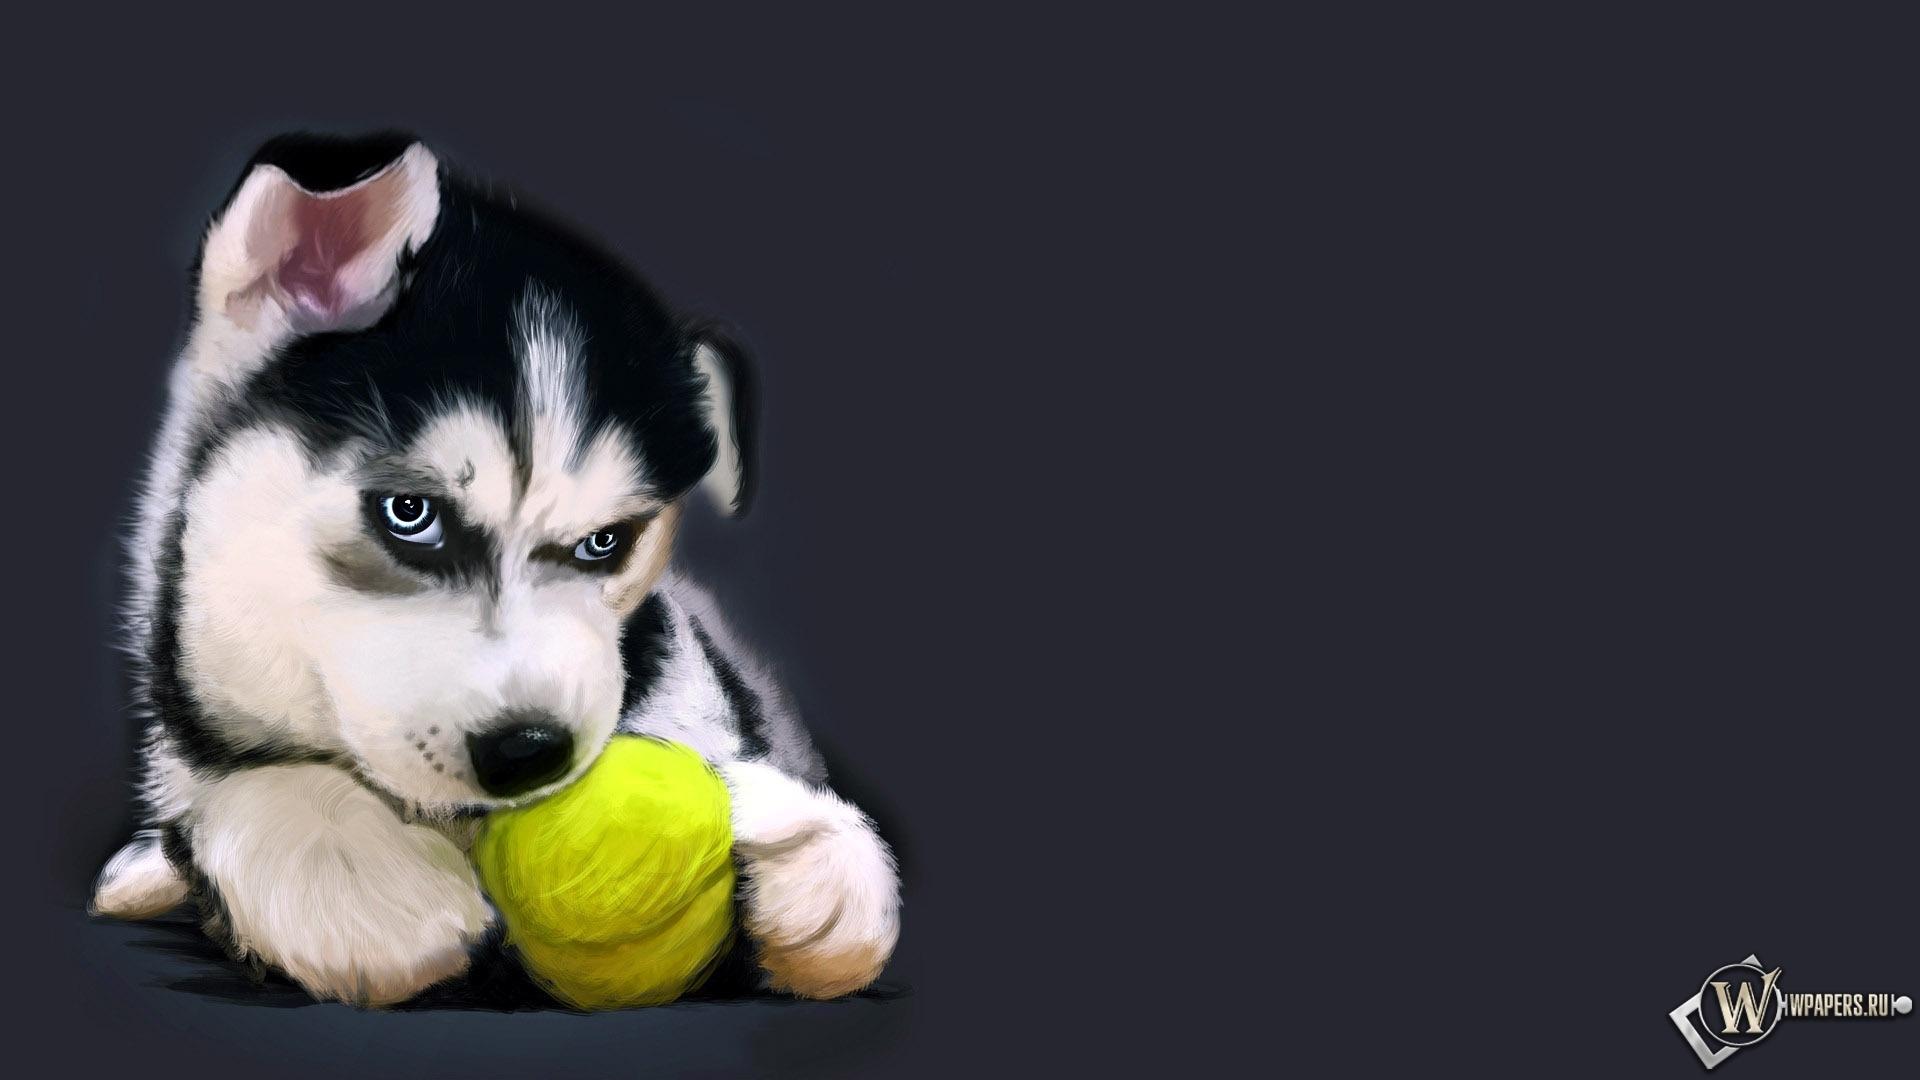 Хаски с теннисным мячом 1920x1080